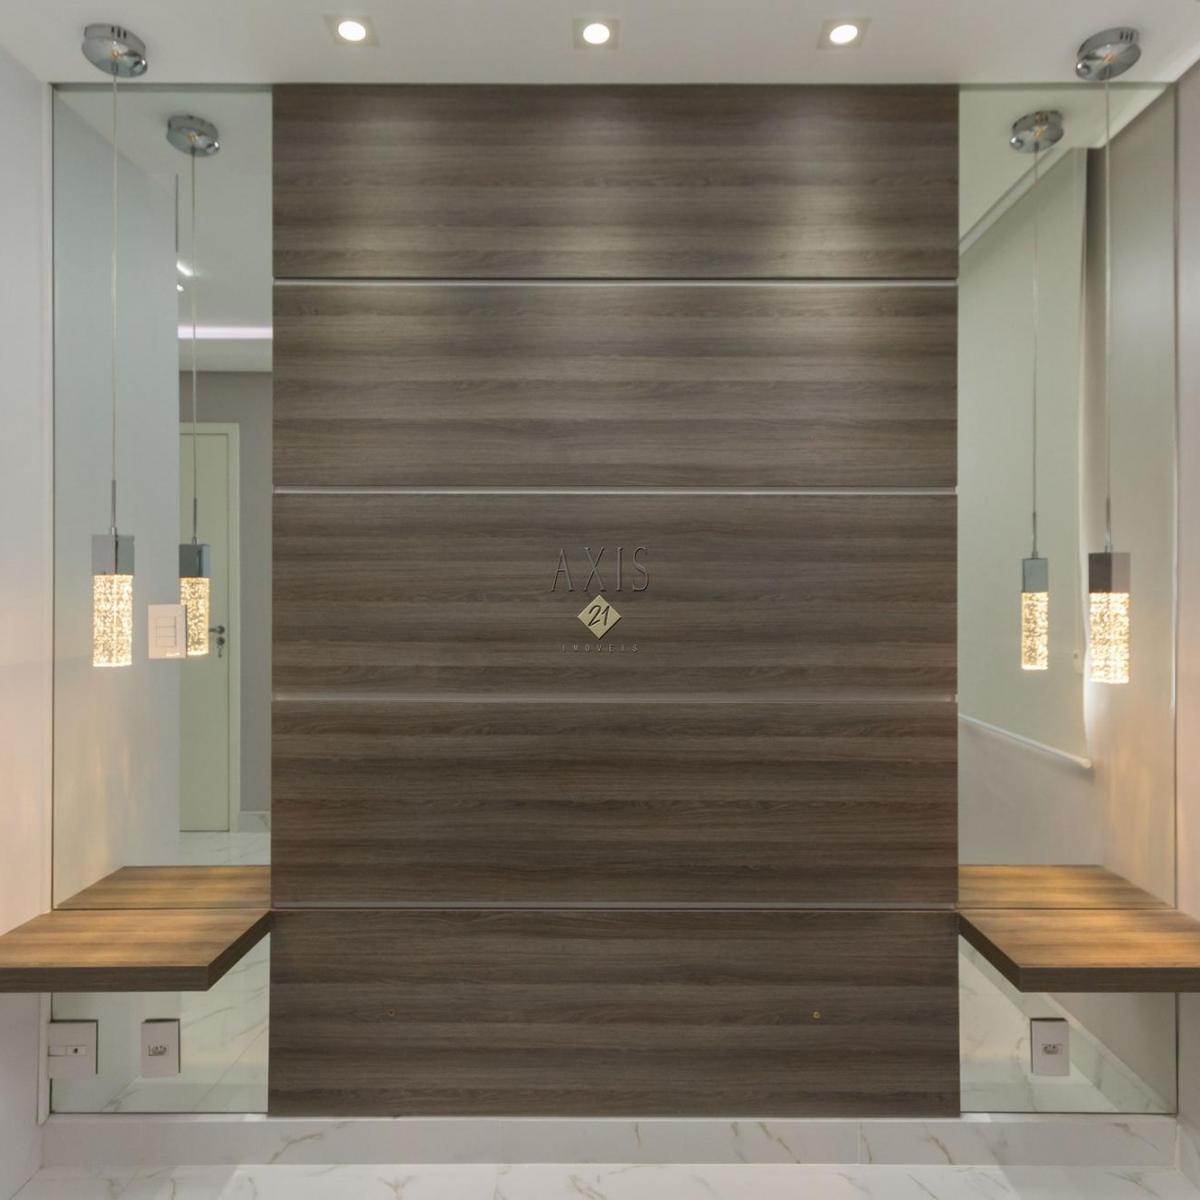 Imagens de #90683B Apartamento à venda com 2 Quartos Boa Vista Curitiba R$ 450.000  1200x1200 px 3060 Box Banheiro Boa Vista Curitiba